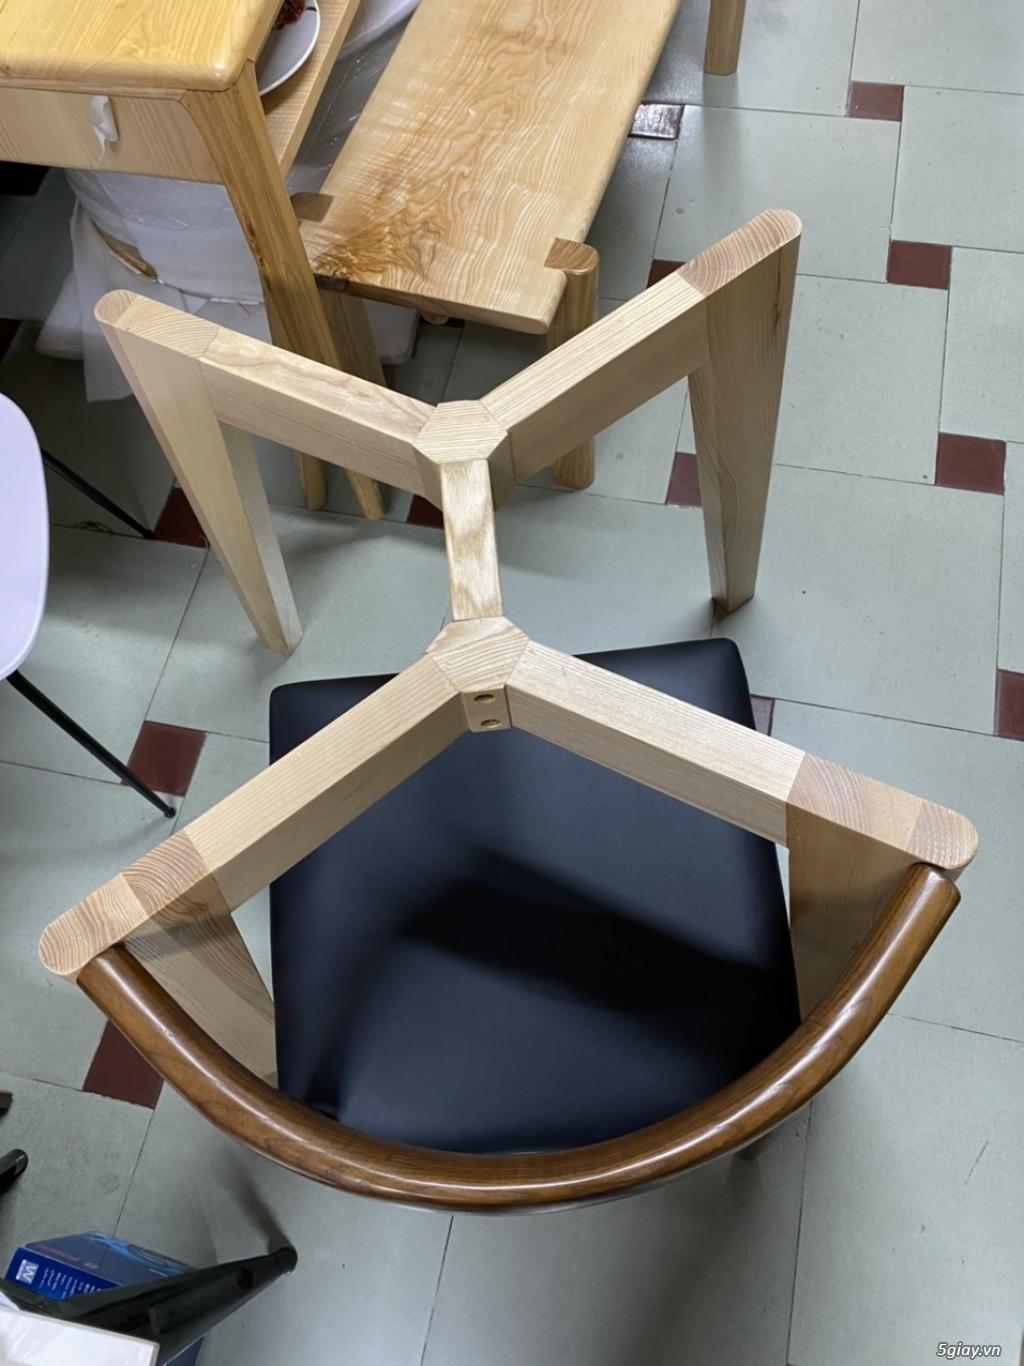 Chân bàn Mad cho mặt đá tròn - 2